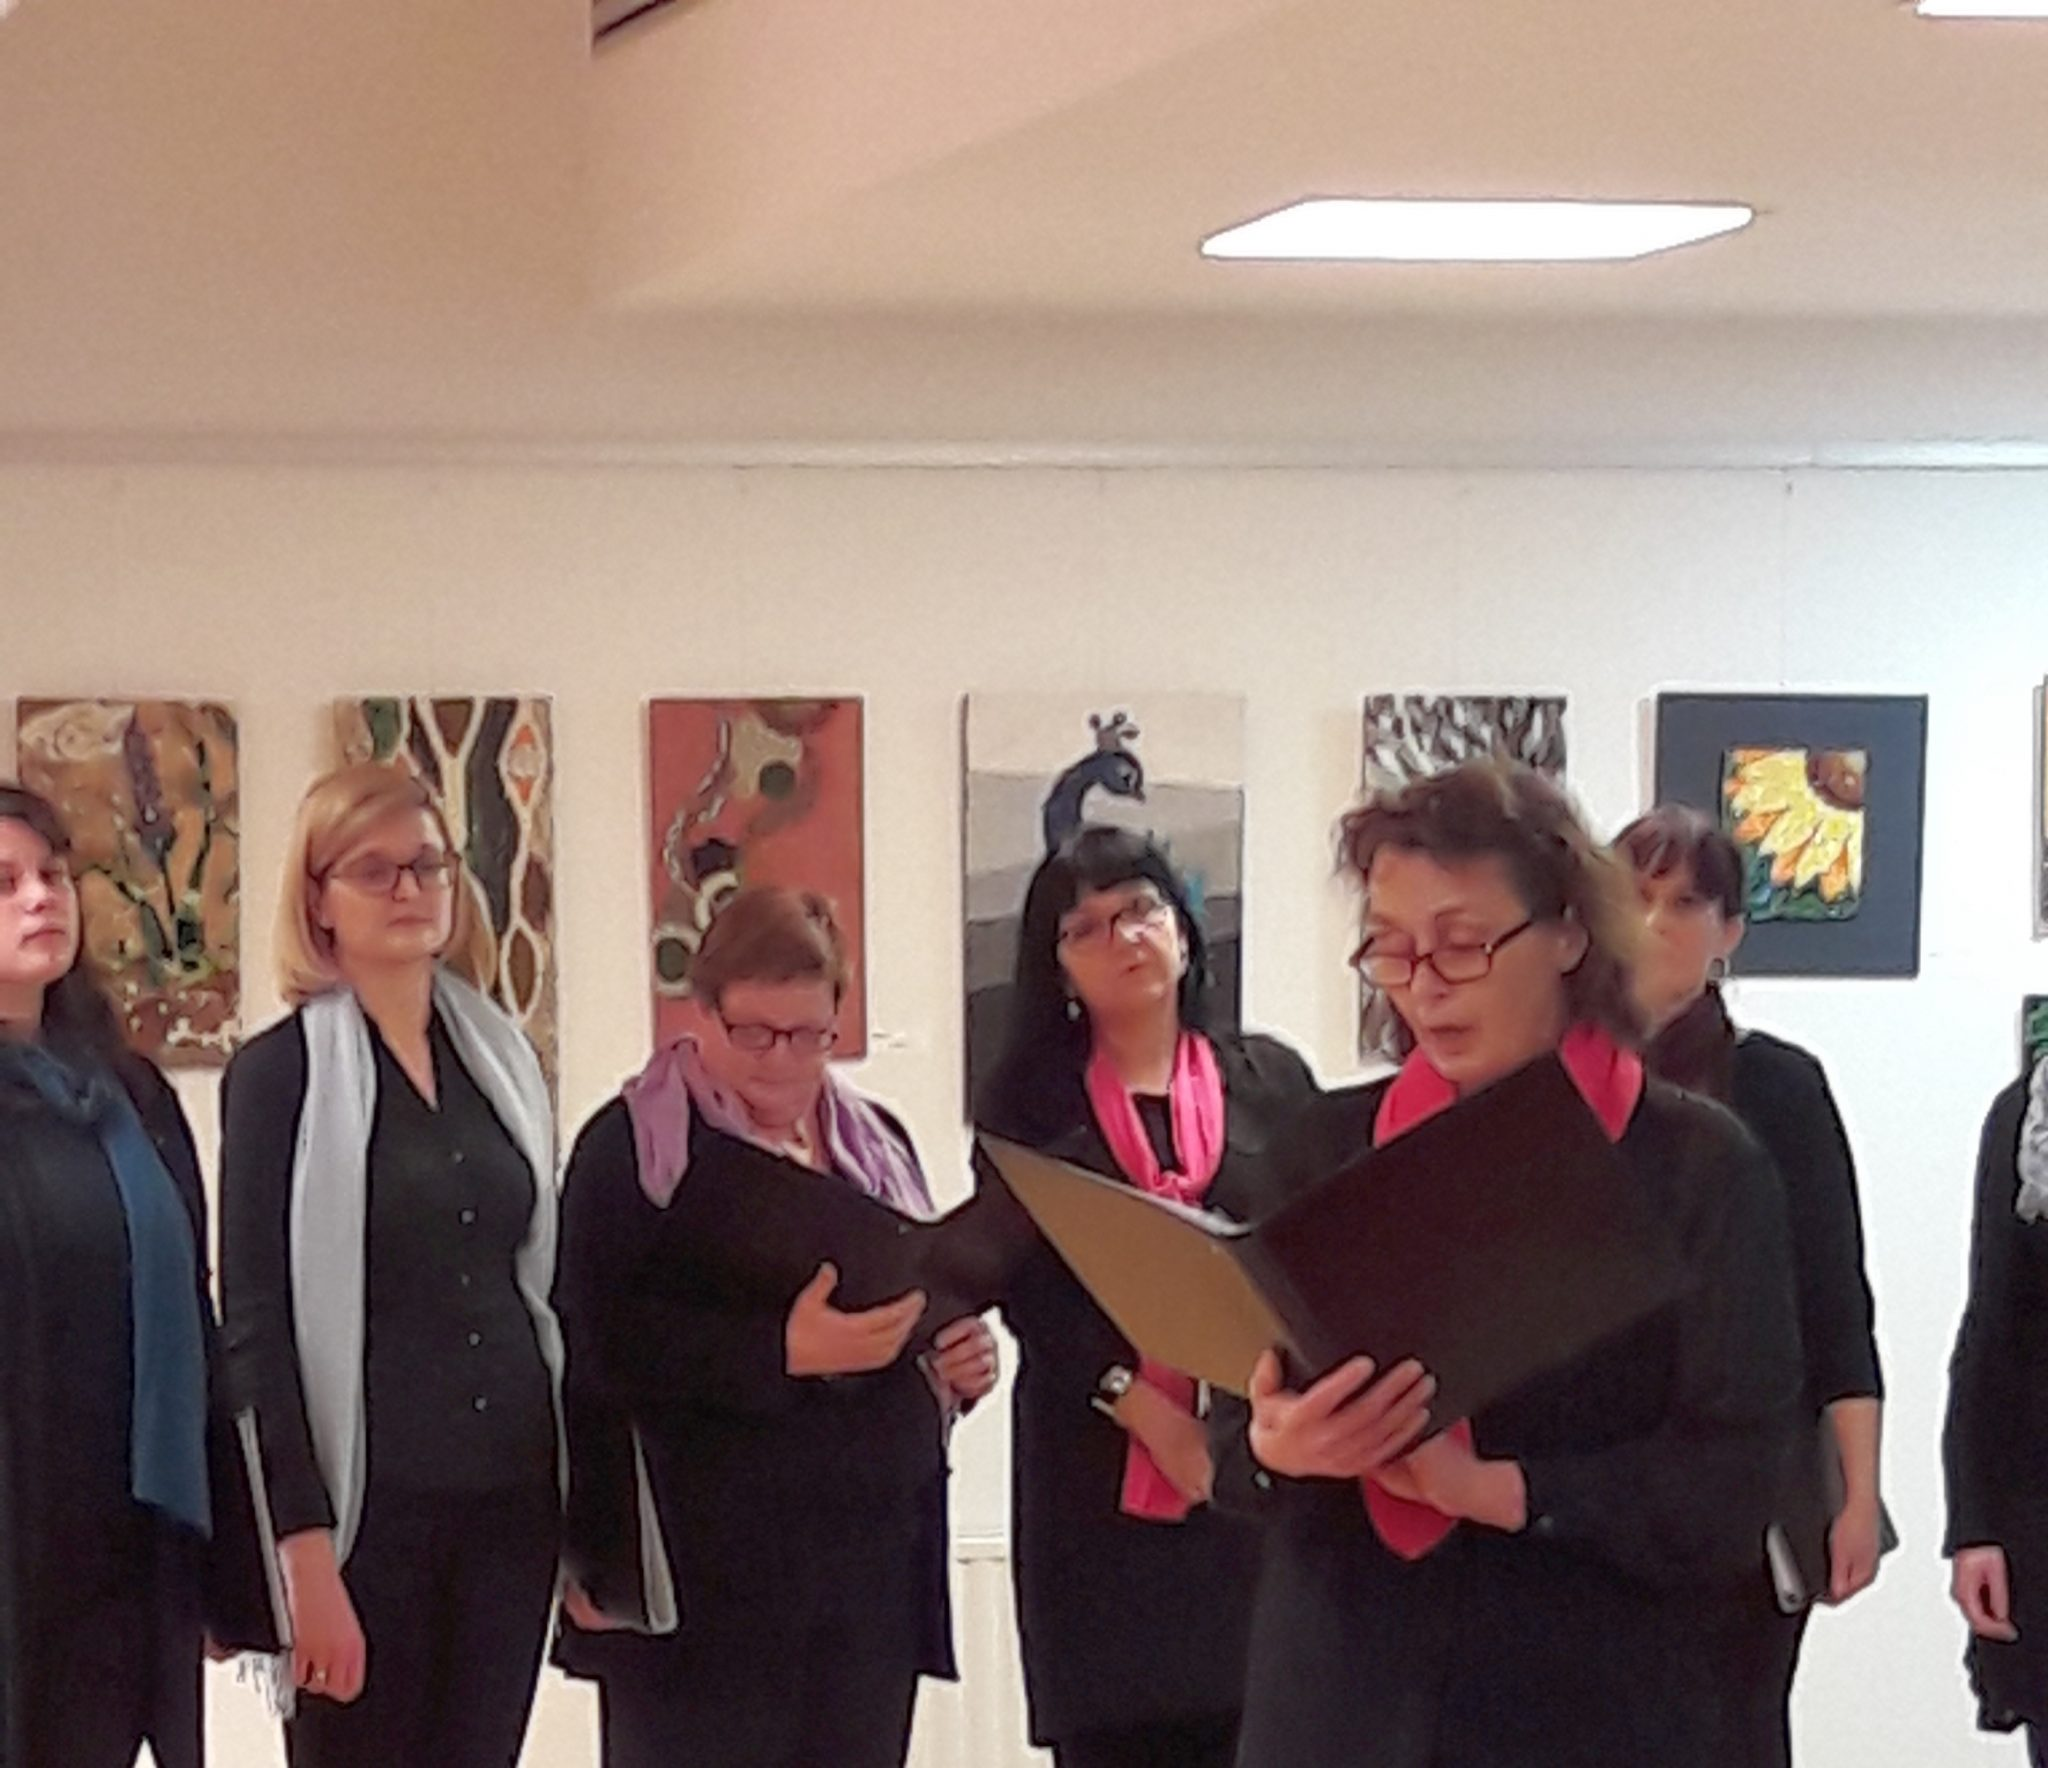 20170203 190830 - Prireditev ob slovenskem kulturnem prazniku in otvoritev razstave mozaikov